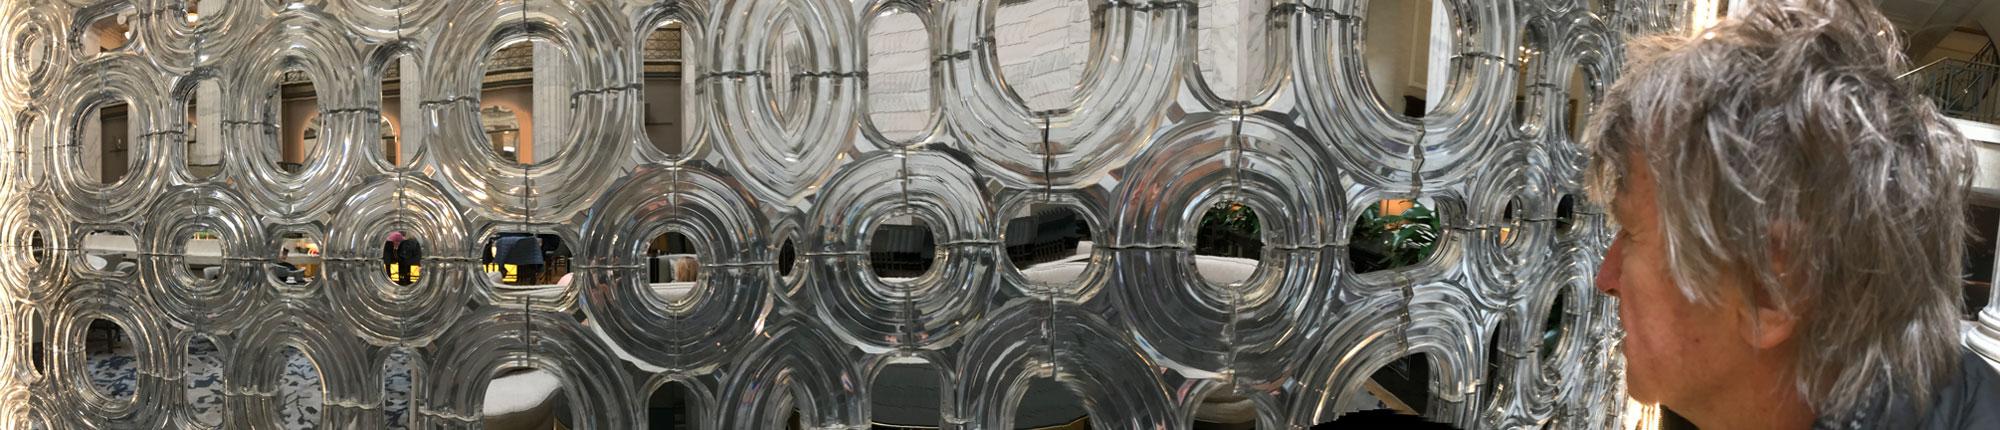 glass-2000.jpg